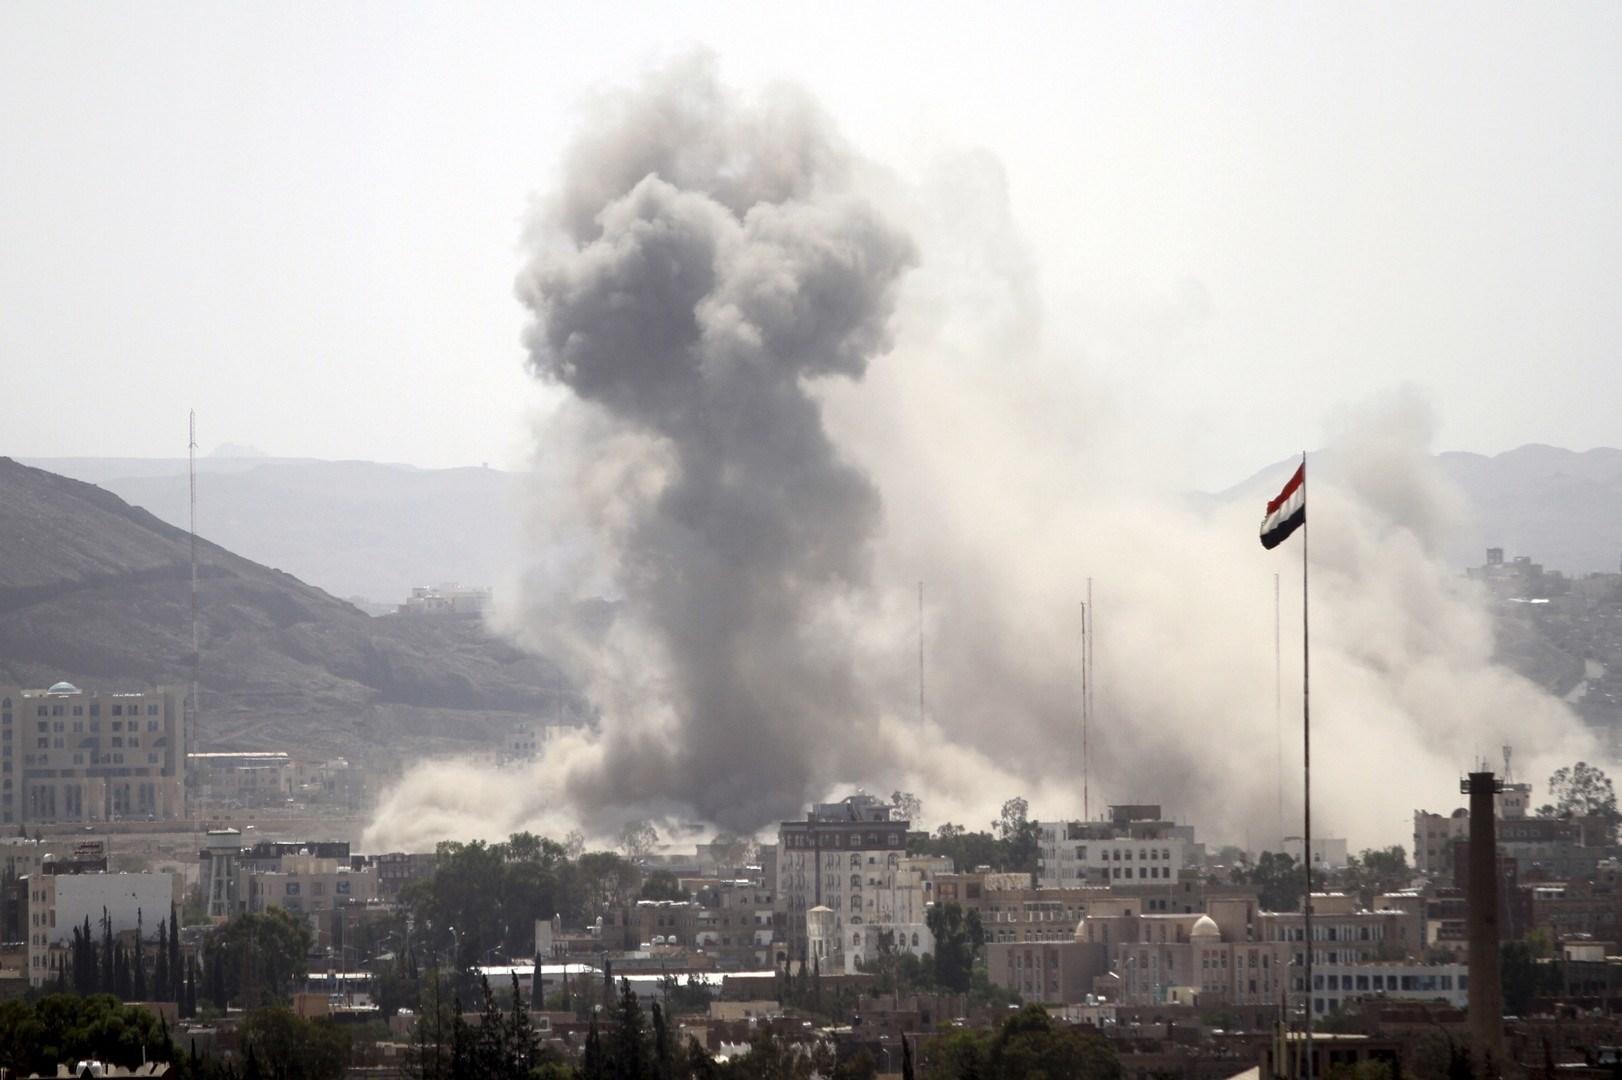 التحالف السعودي يشن حرباً وحصاراً على اليمن منذ أكثر من 5 سنوات